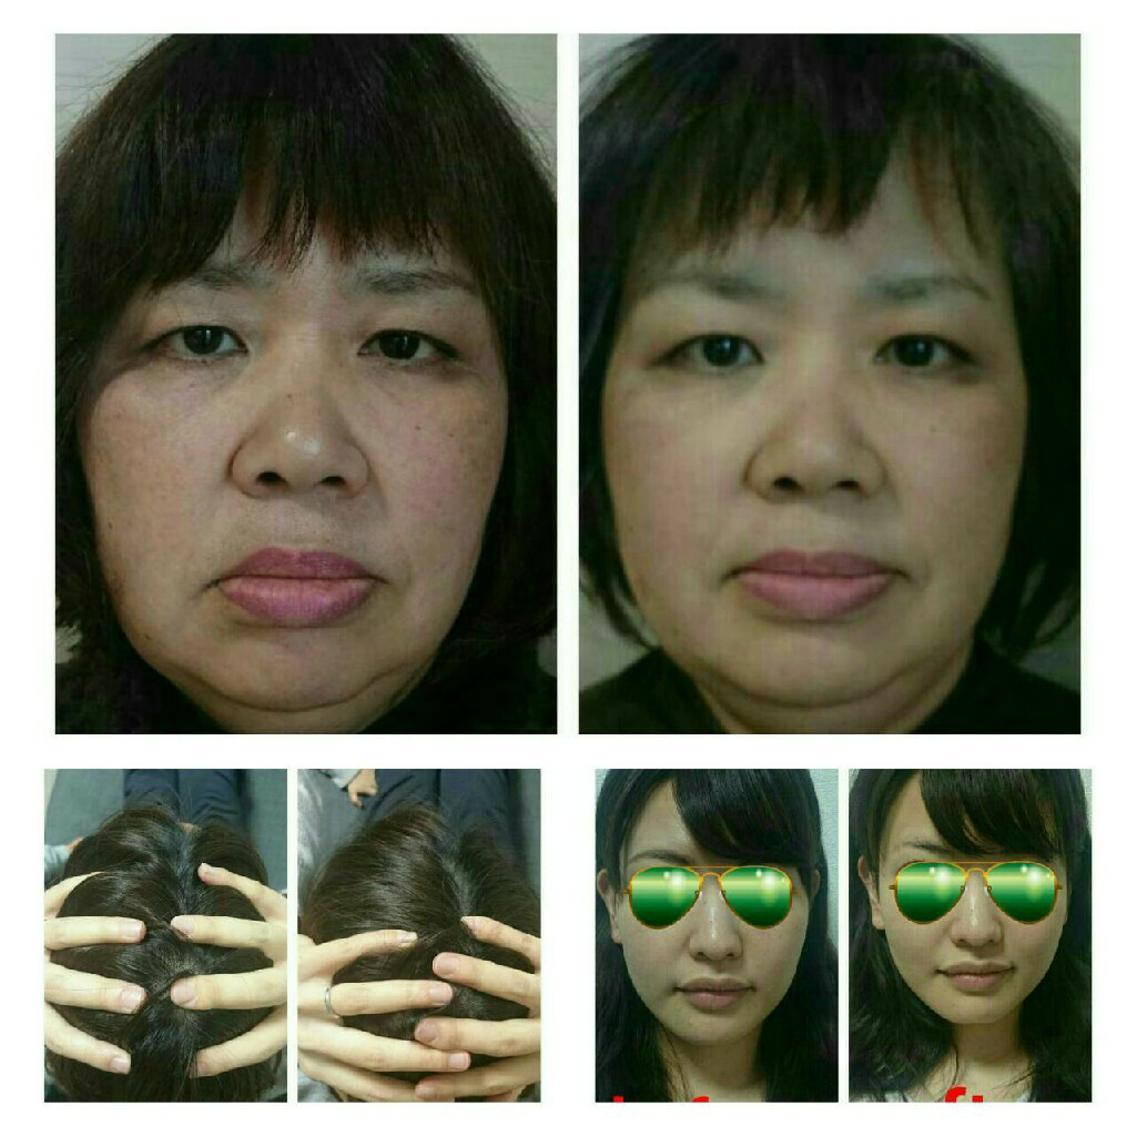 作業療法士が提供する゛即効性゛が自慢の美容整体Lily✨頭蓋骨や顔をみて身体の歪みや内臓の不調、食生活までが分かってしまう!?まるで魔法のような小顔骨格矯正&整体です。